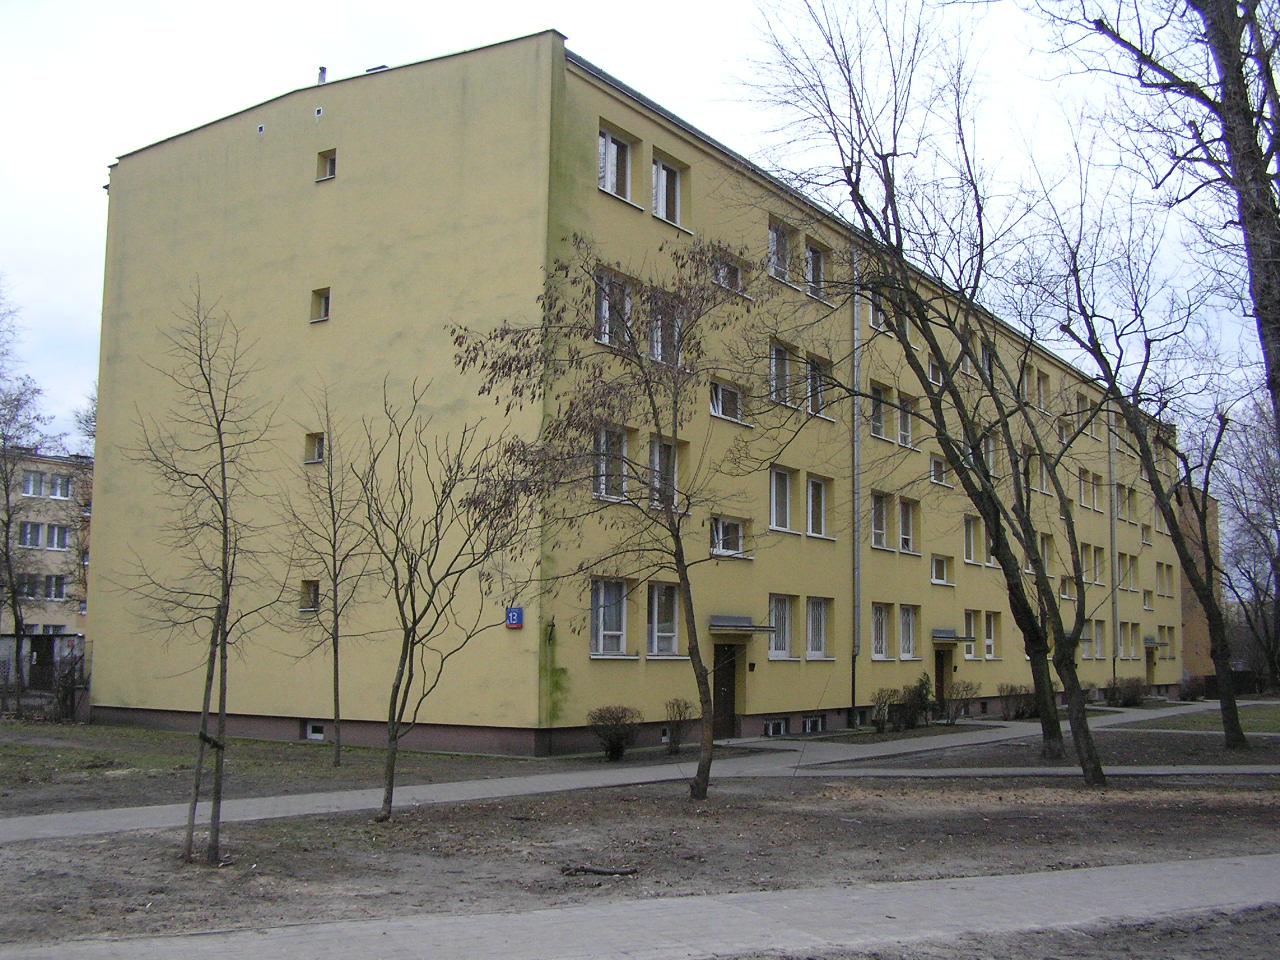 Budynek przy ulicy Rozłuckiej 13 na Grochowie